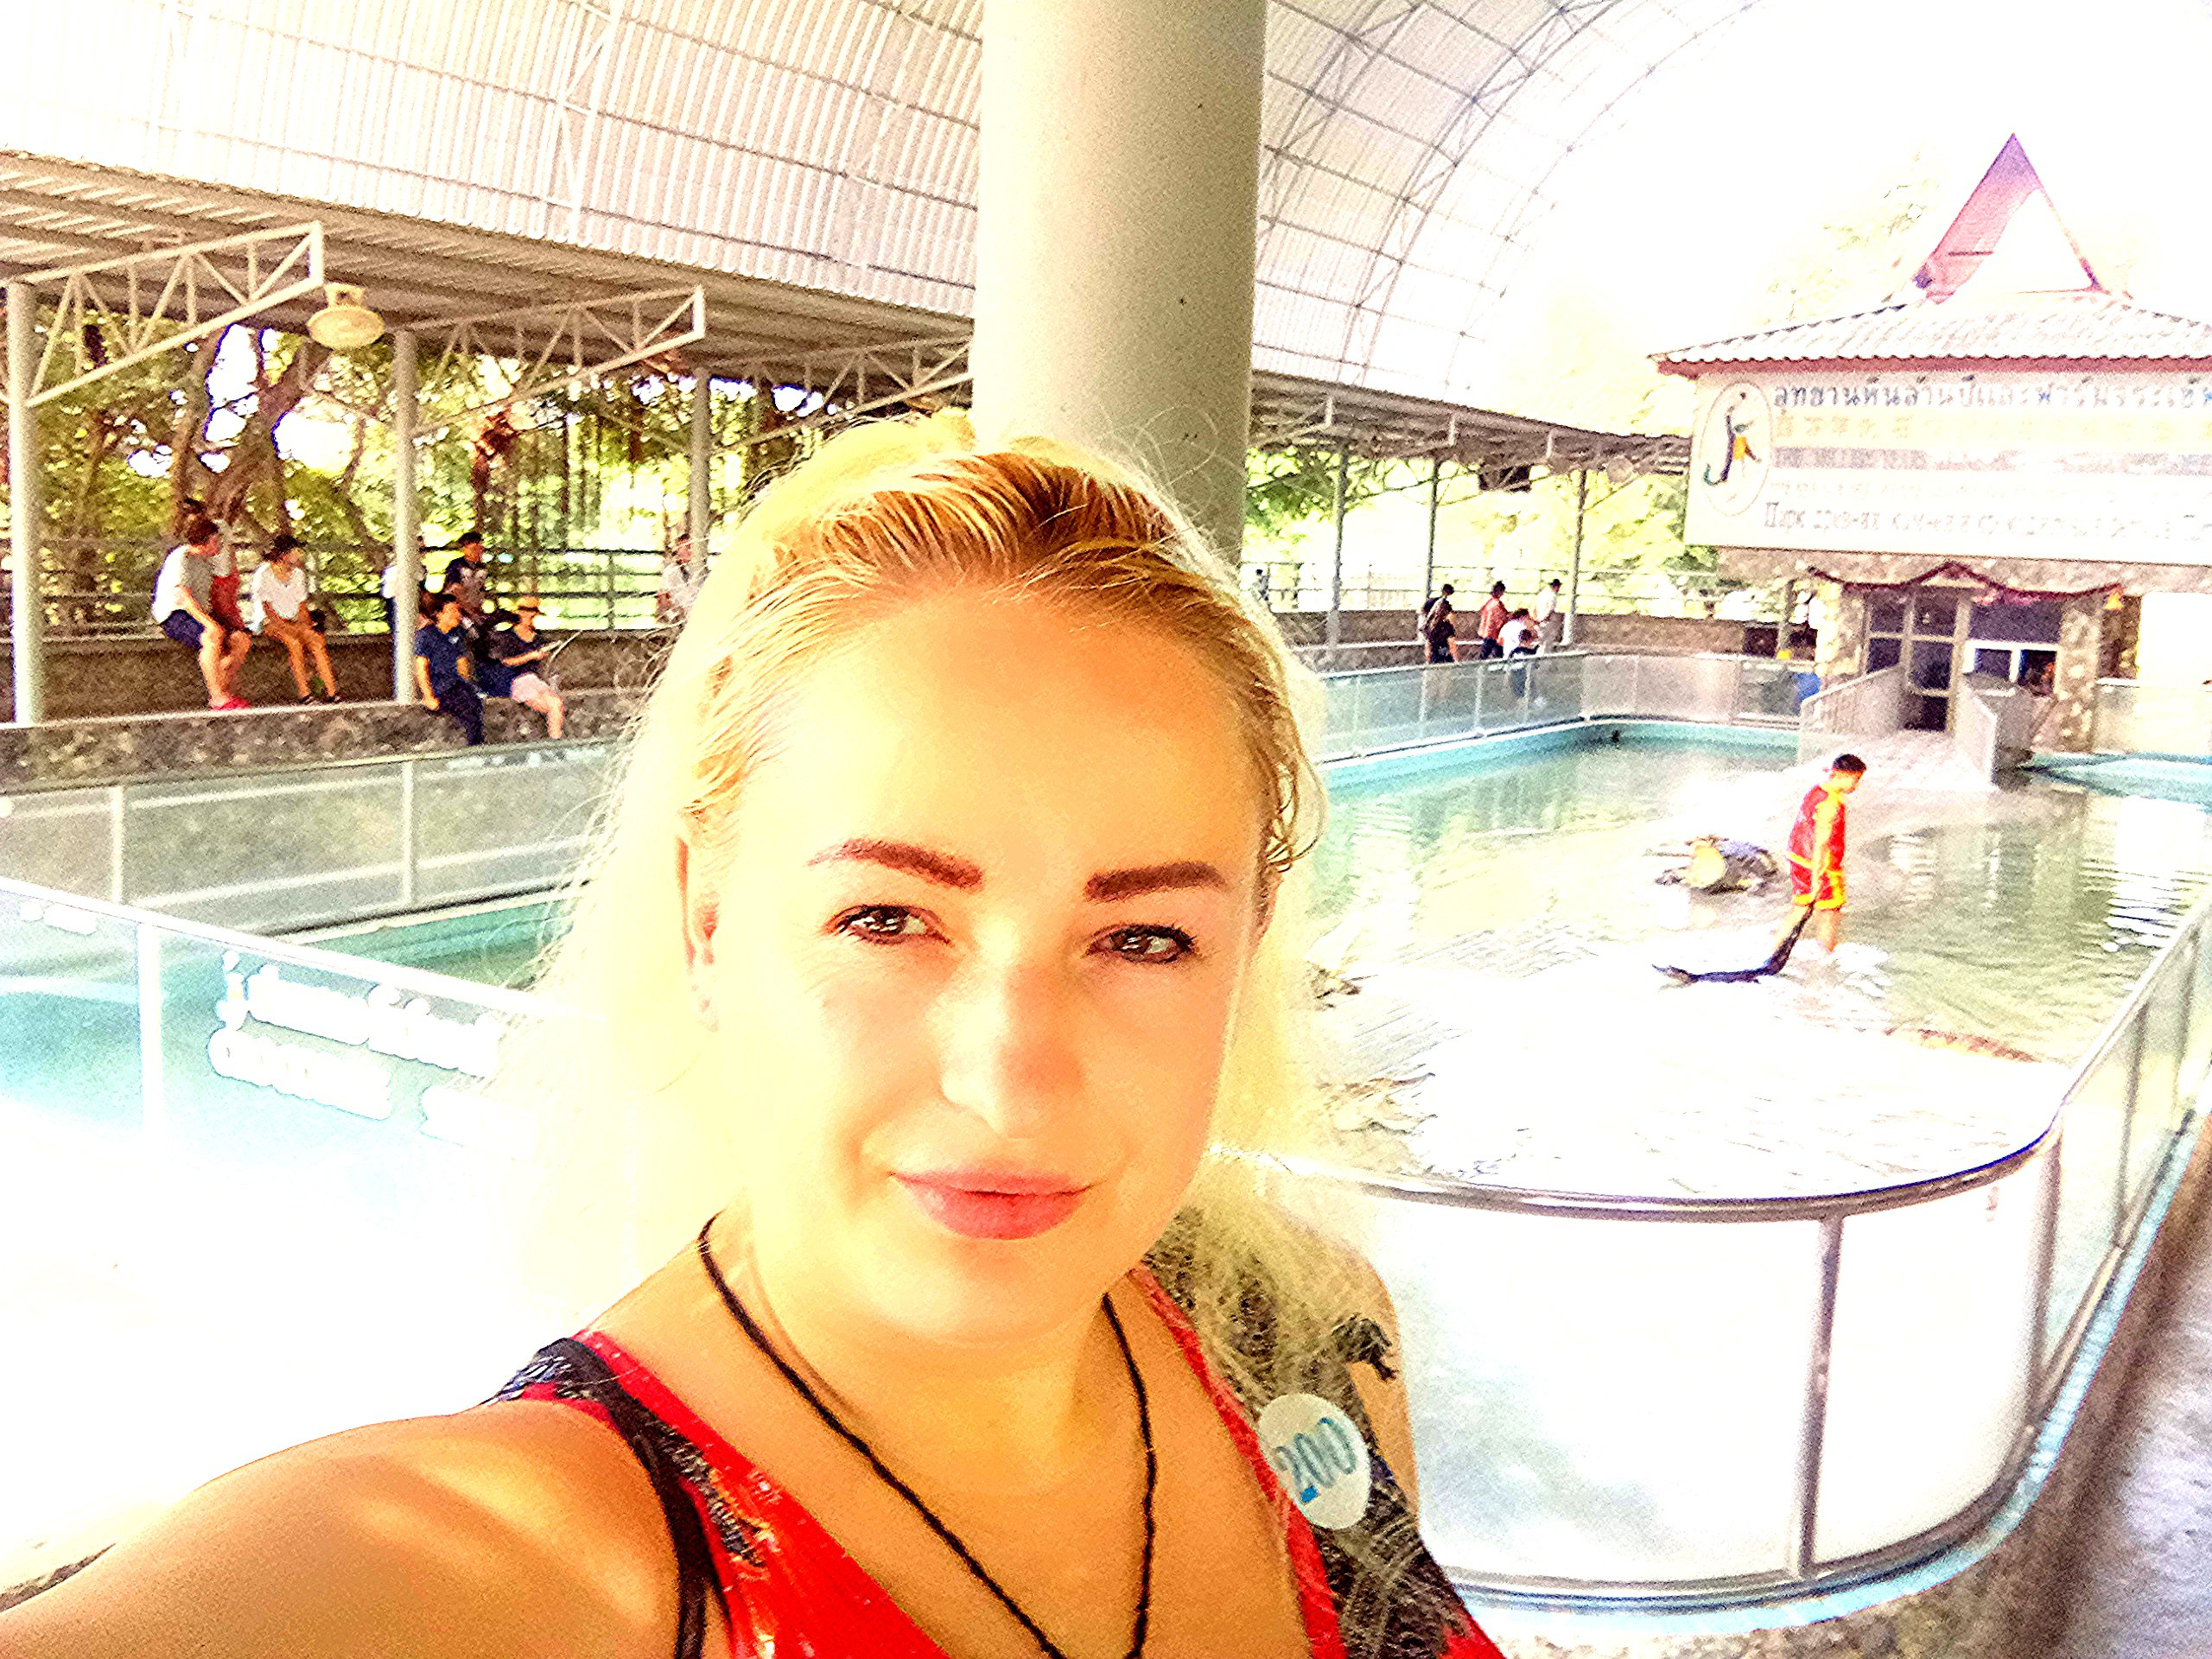 пляж - Елена Руденко (Валтея). Таиланд.  Фото и видео, а также мои впечатления, отзывы, советы и т.д. SxnBikSS1jg